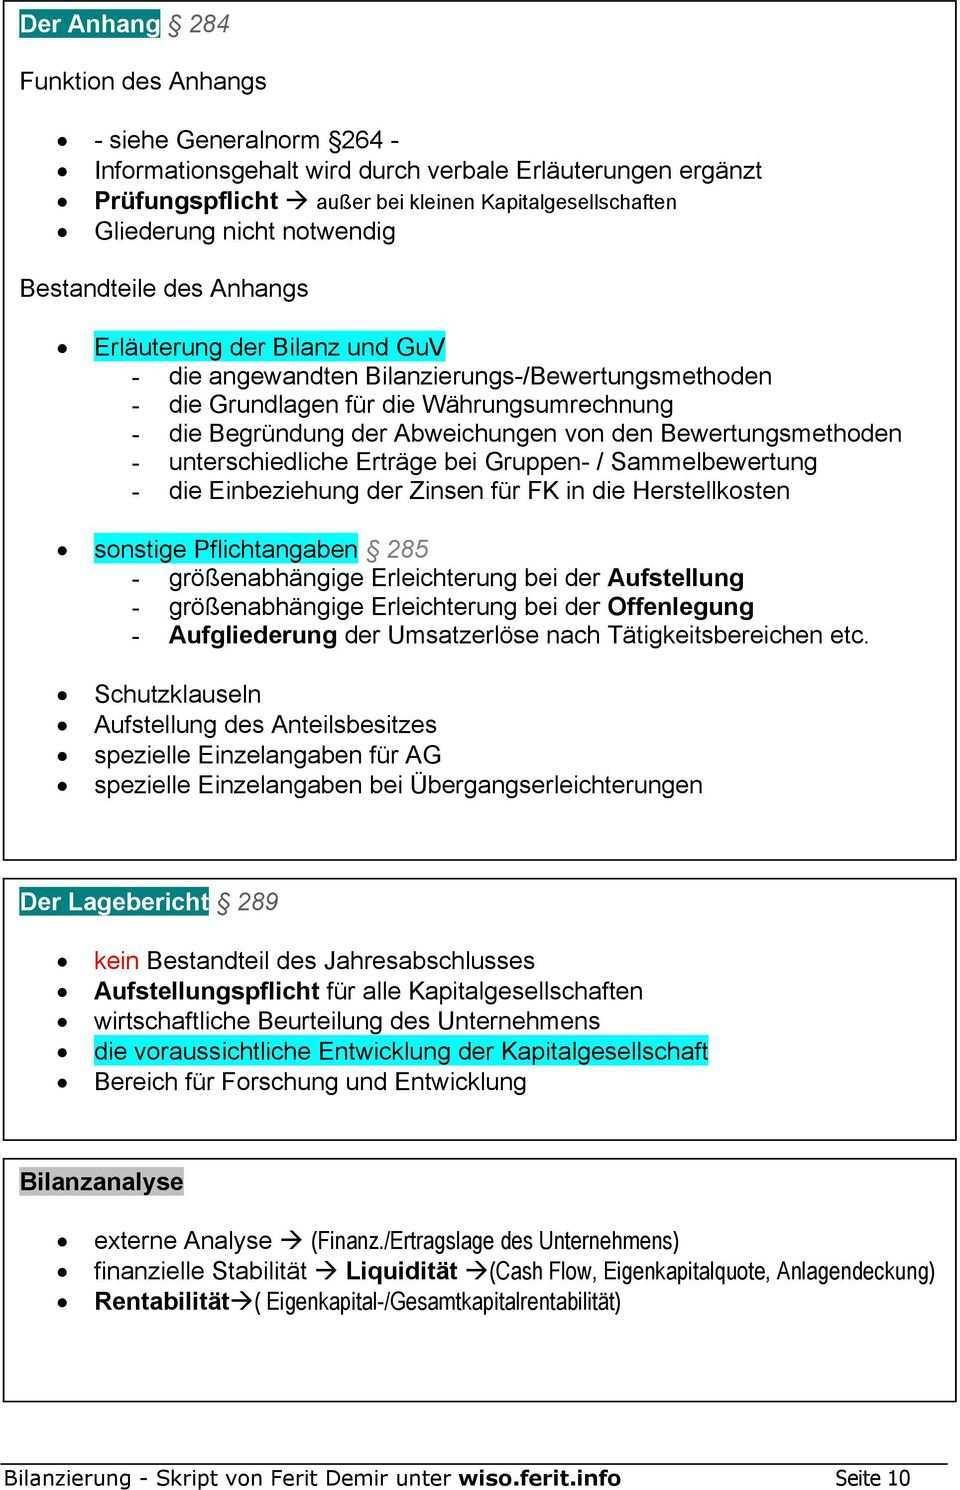 Bilanzierung Skript Zusammenfassung Handelsrechtliche Bilanzierung Bilanz Guv Anhang Lagebericht Pdf Free Download